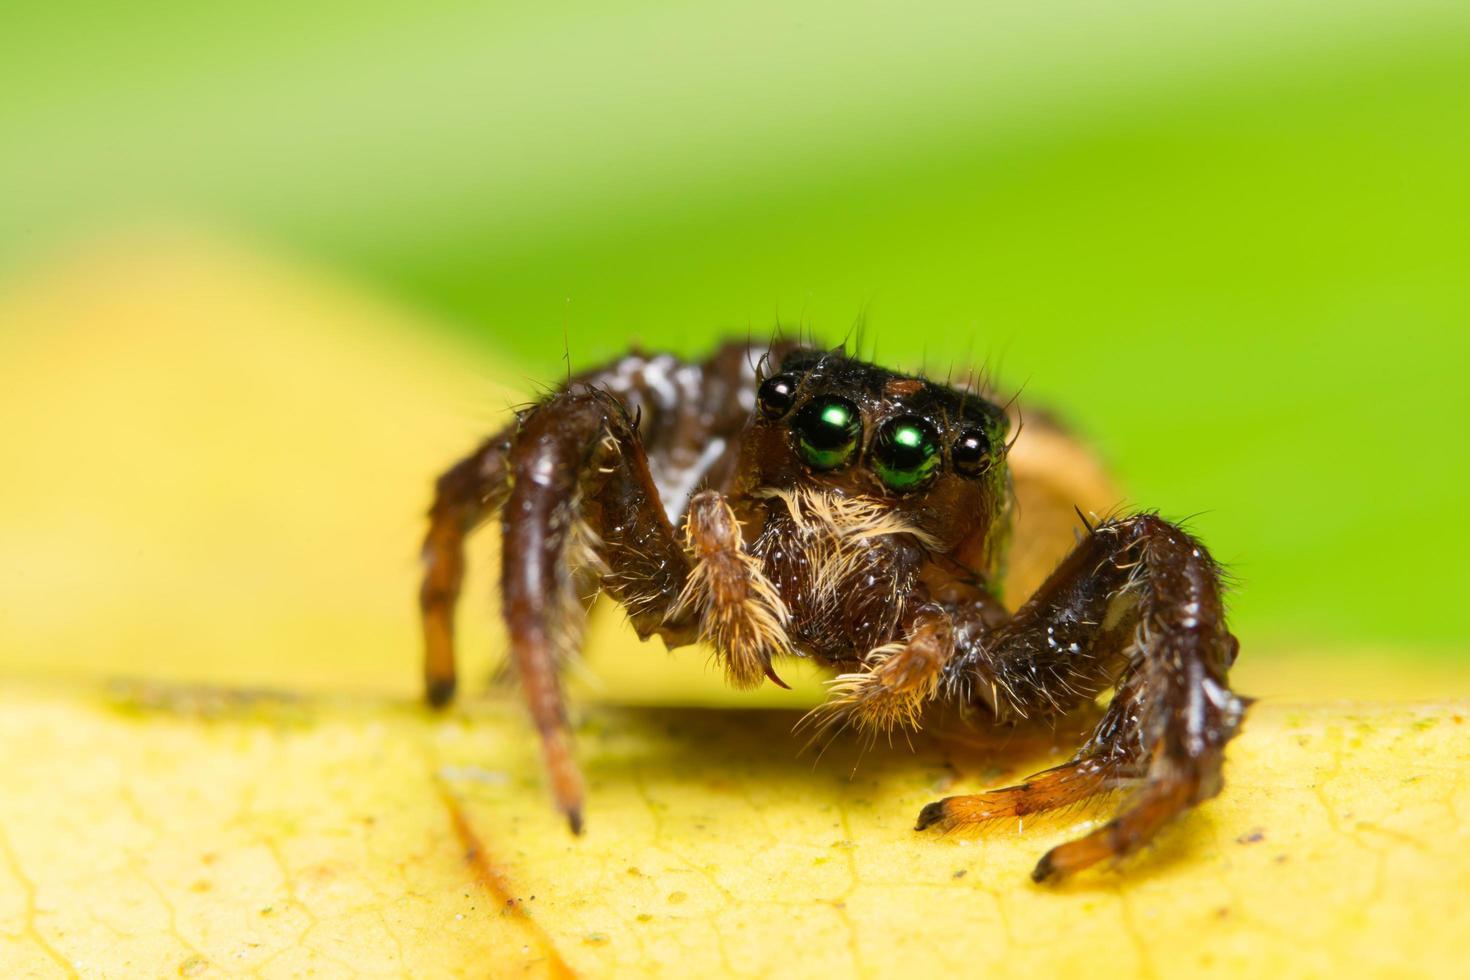 araignée sur une feuille jaune photo